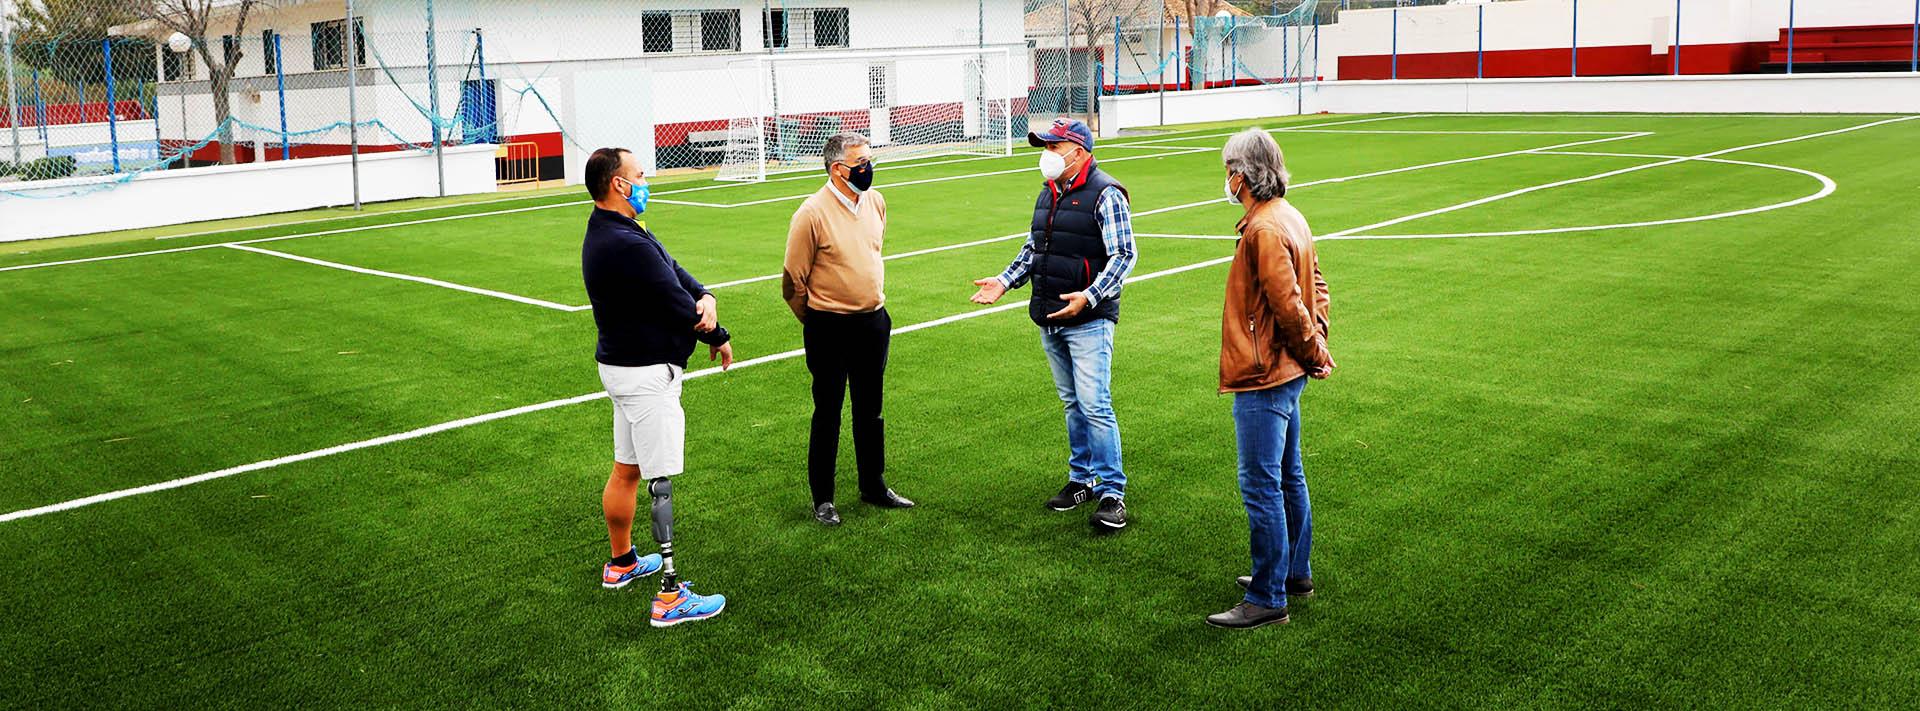 El fútbol 7 estrena césped y nuevo sistema de riego en San Pedro Alcántara